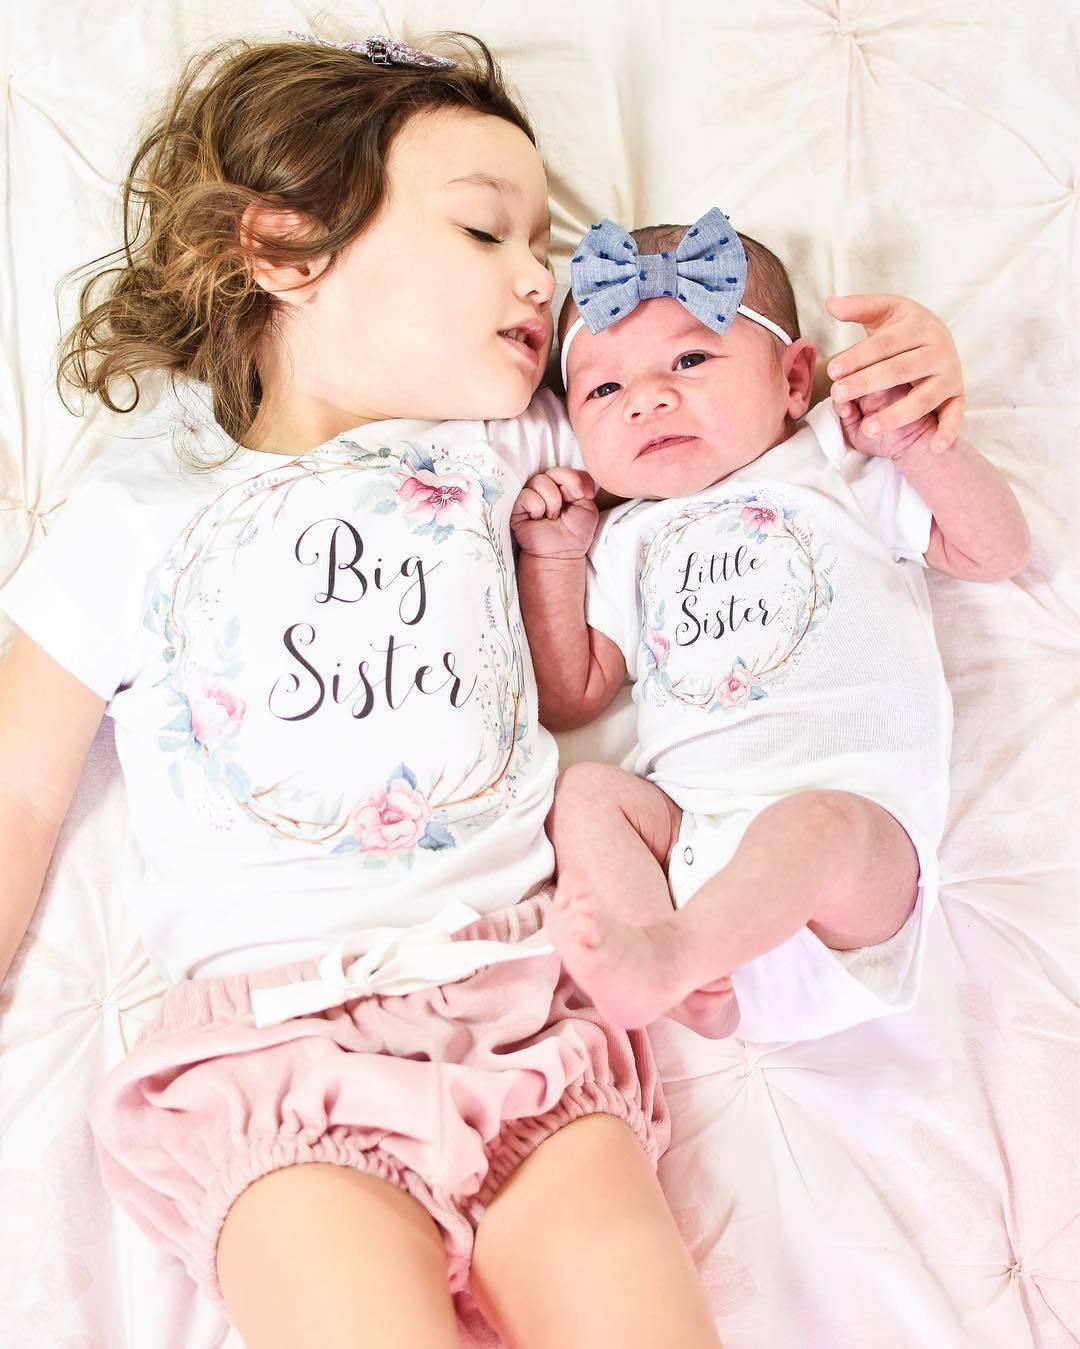 Одежда для малышей; летняя одежда для маленьких девочек; одежда для маленьких и больших сестер; комбинезон; одежда; футболка; одинаковые ком...